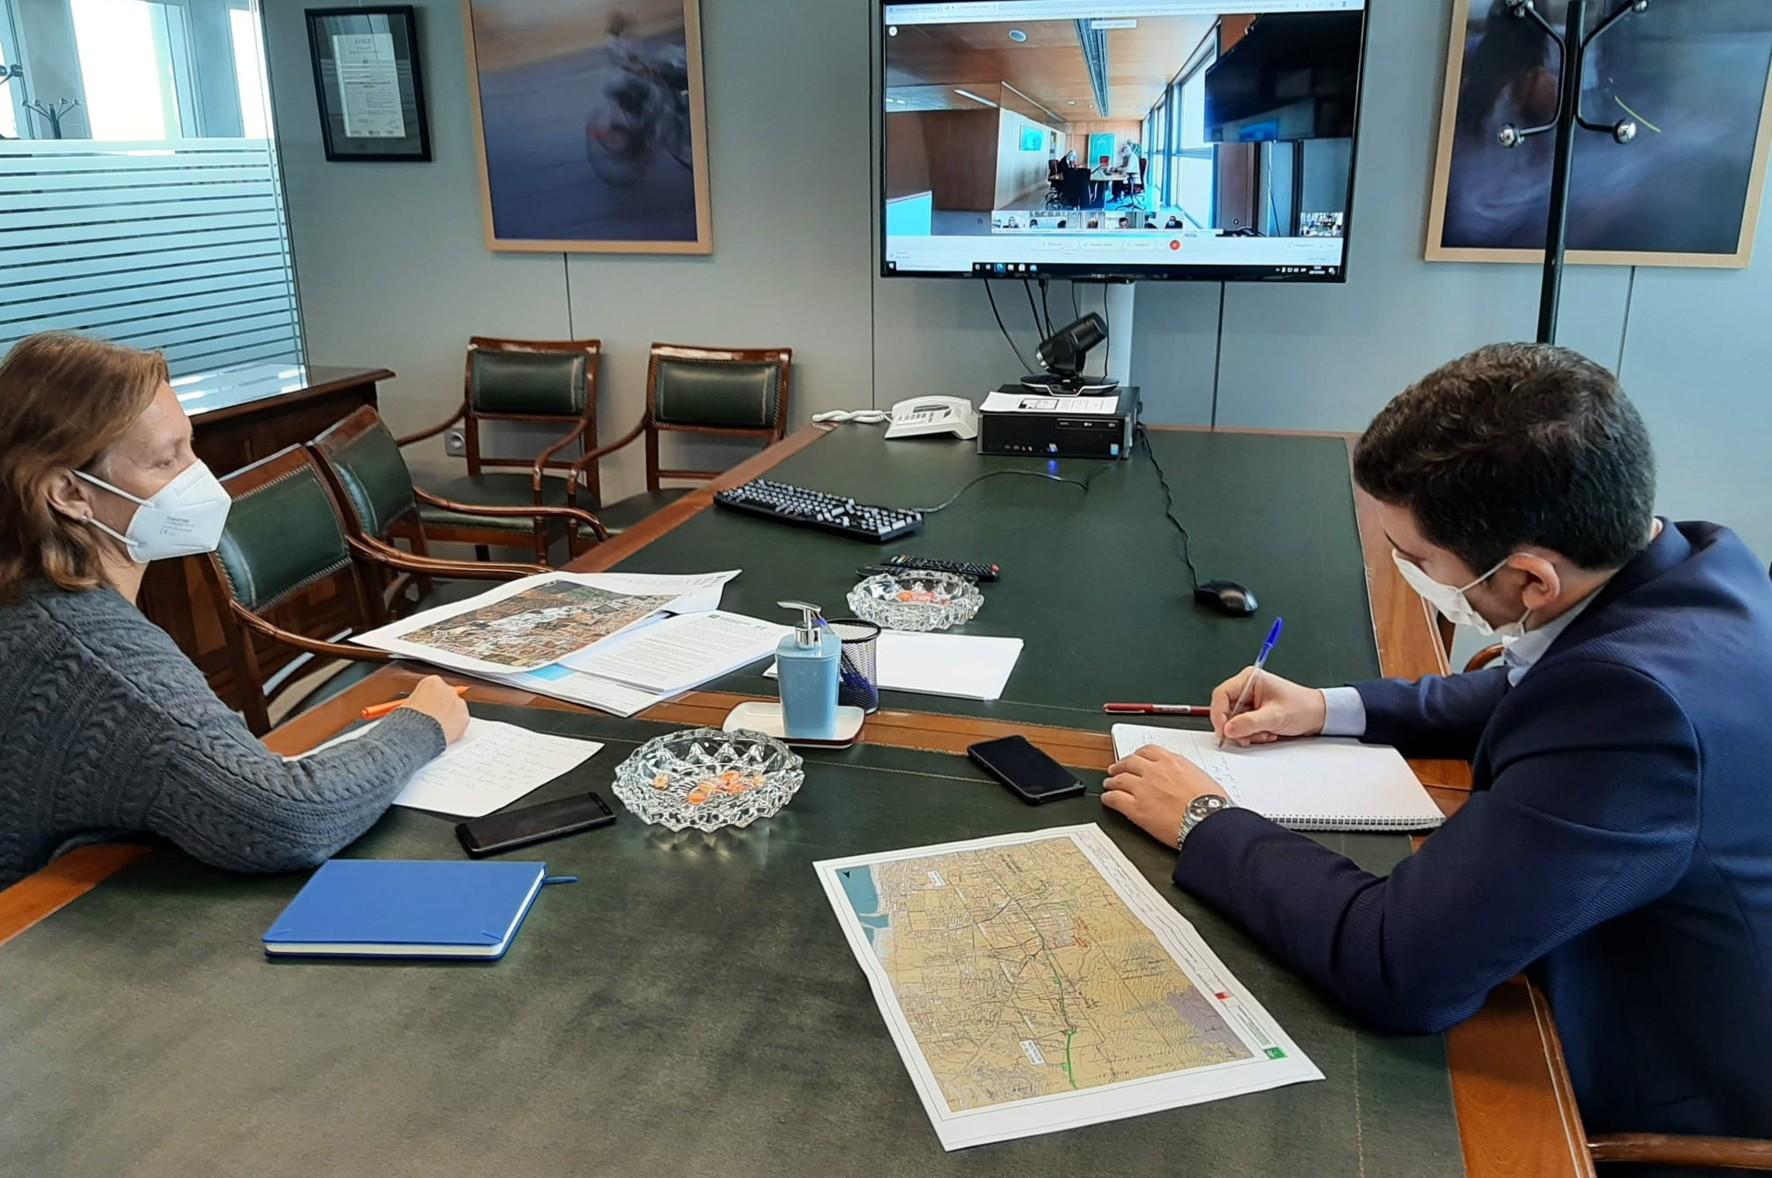 Técnicos de la Agencia de Obra pública asisten telemáticamente a la reunión.